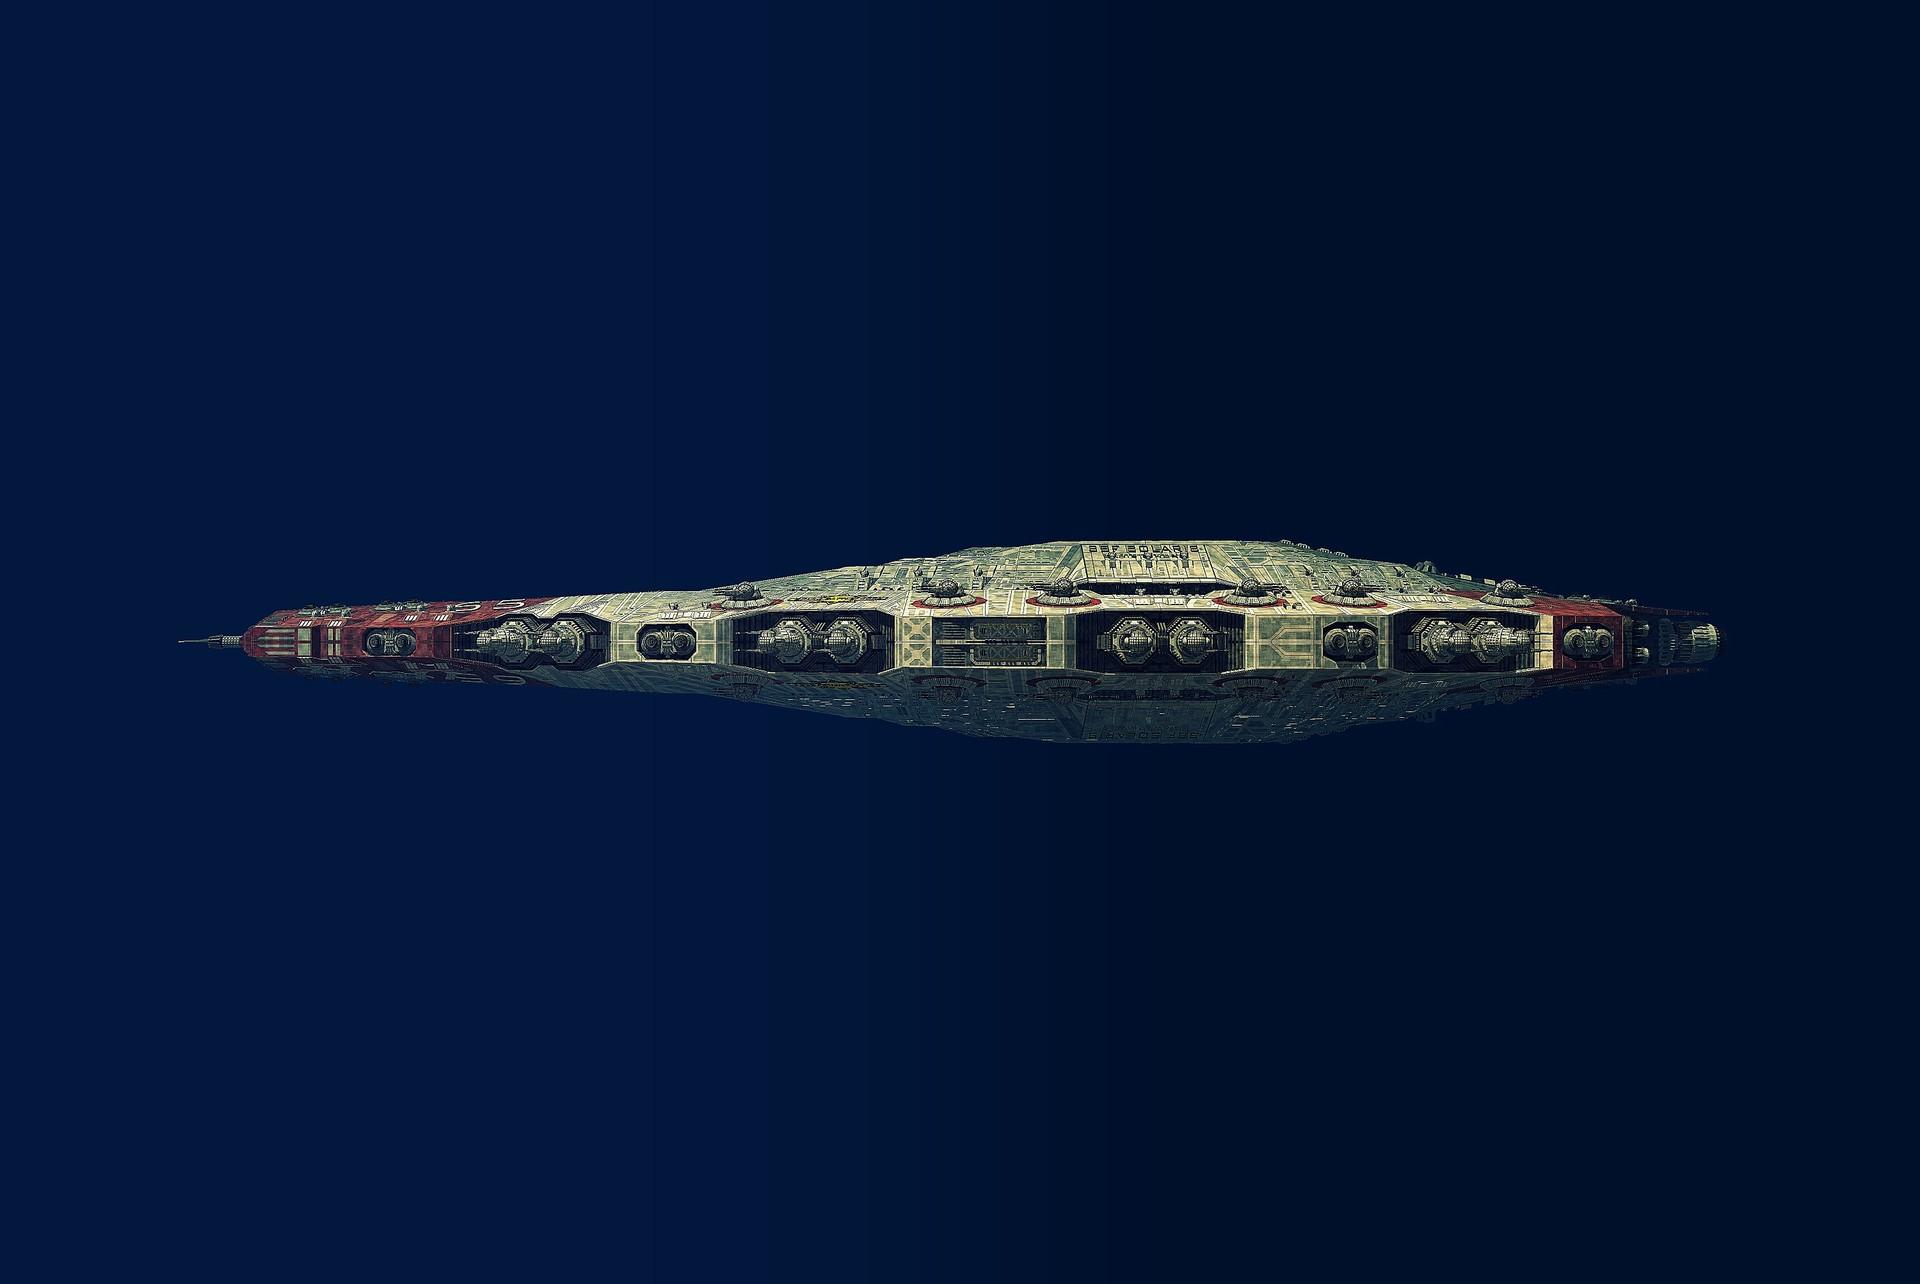 Joachim sverd battlecruiser solaris43